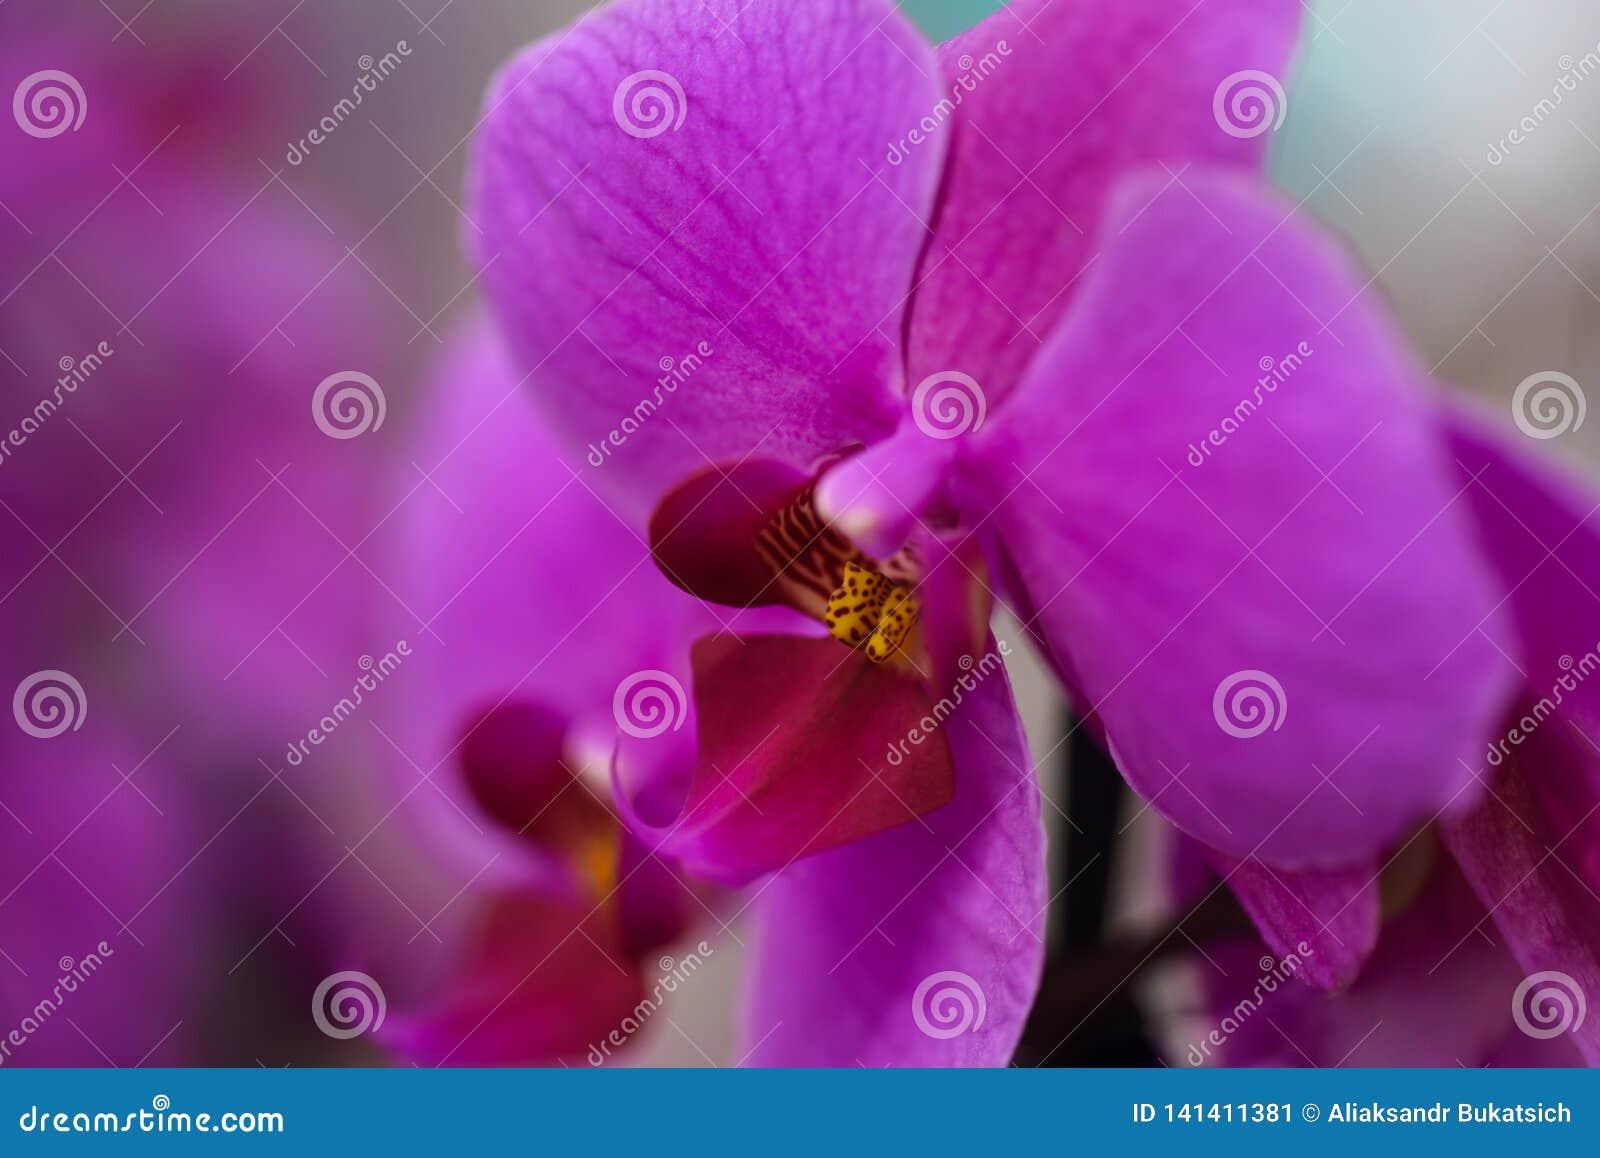 花紫色兰花,特写镜头,背景